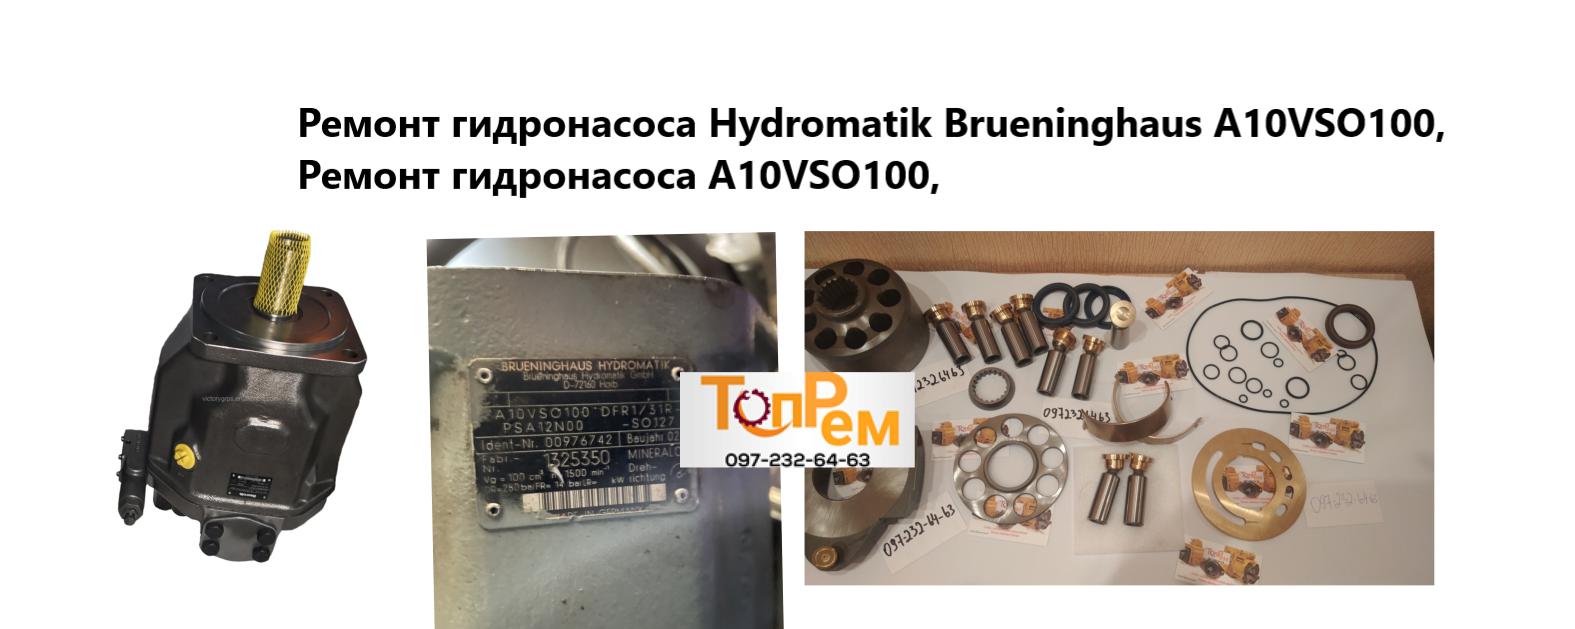 Ремонт гидронасоса Hydromatik Brueninghaus A10VSO100